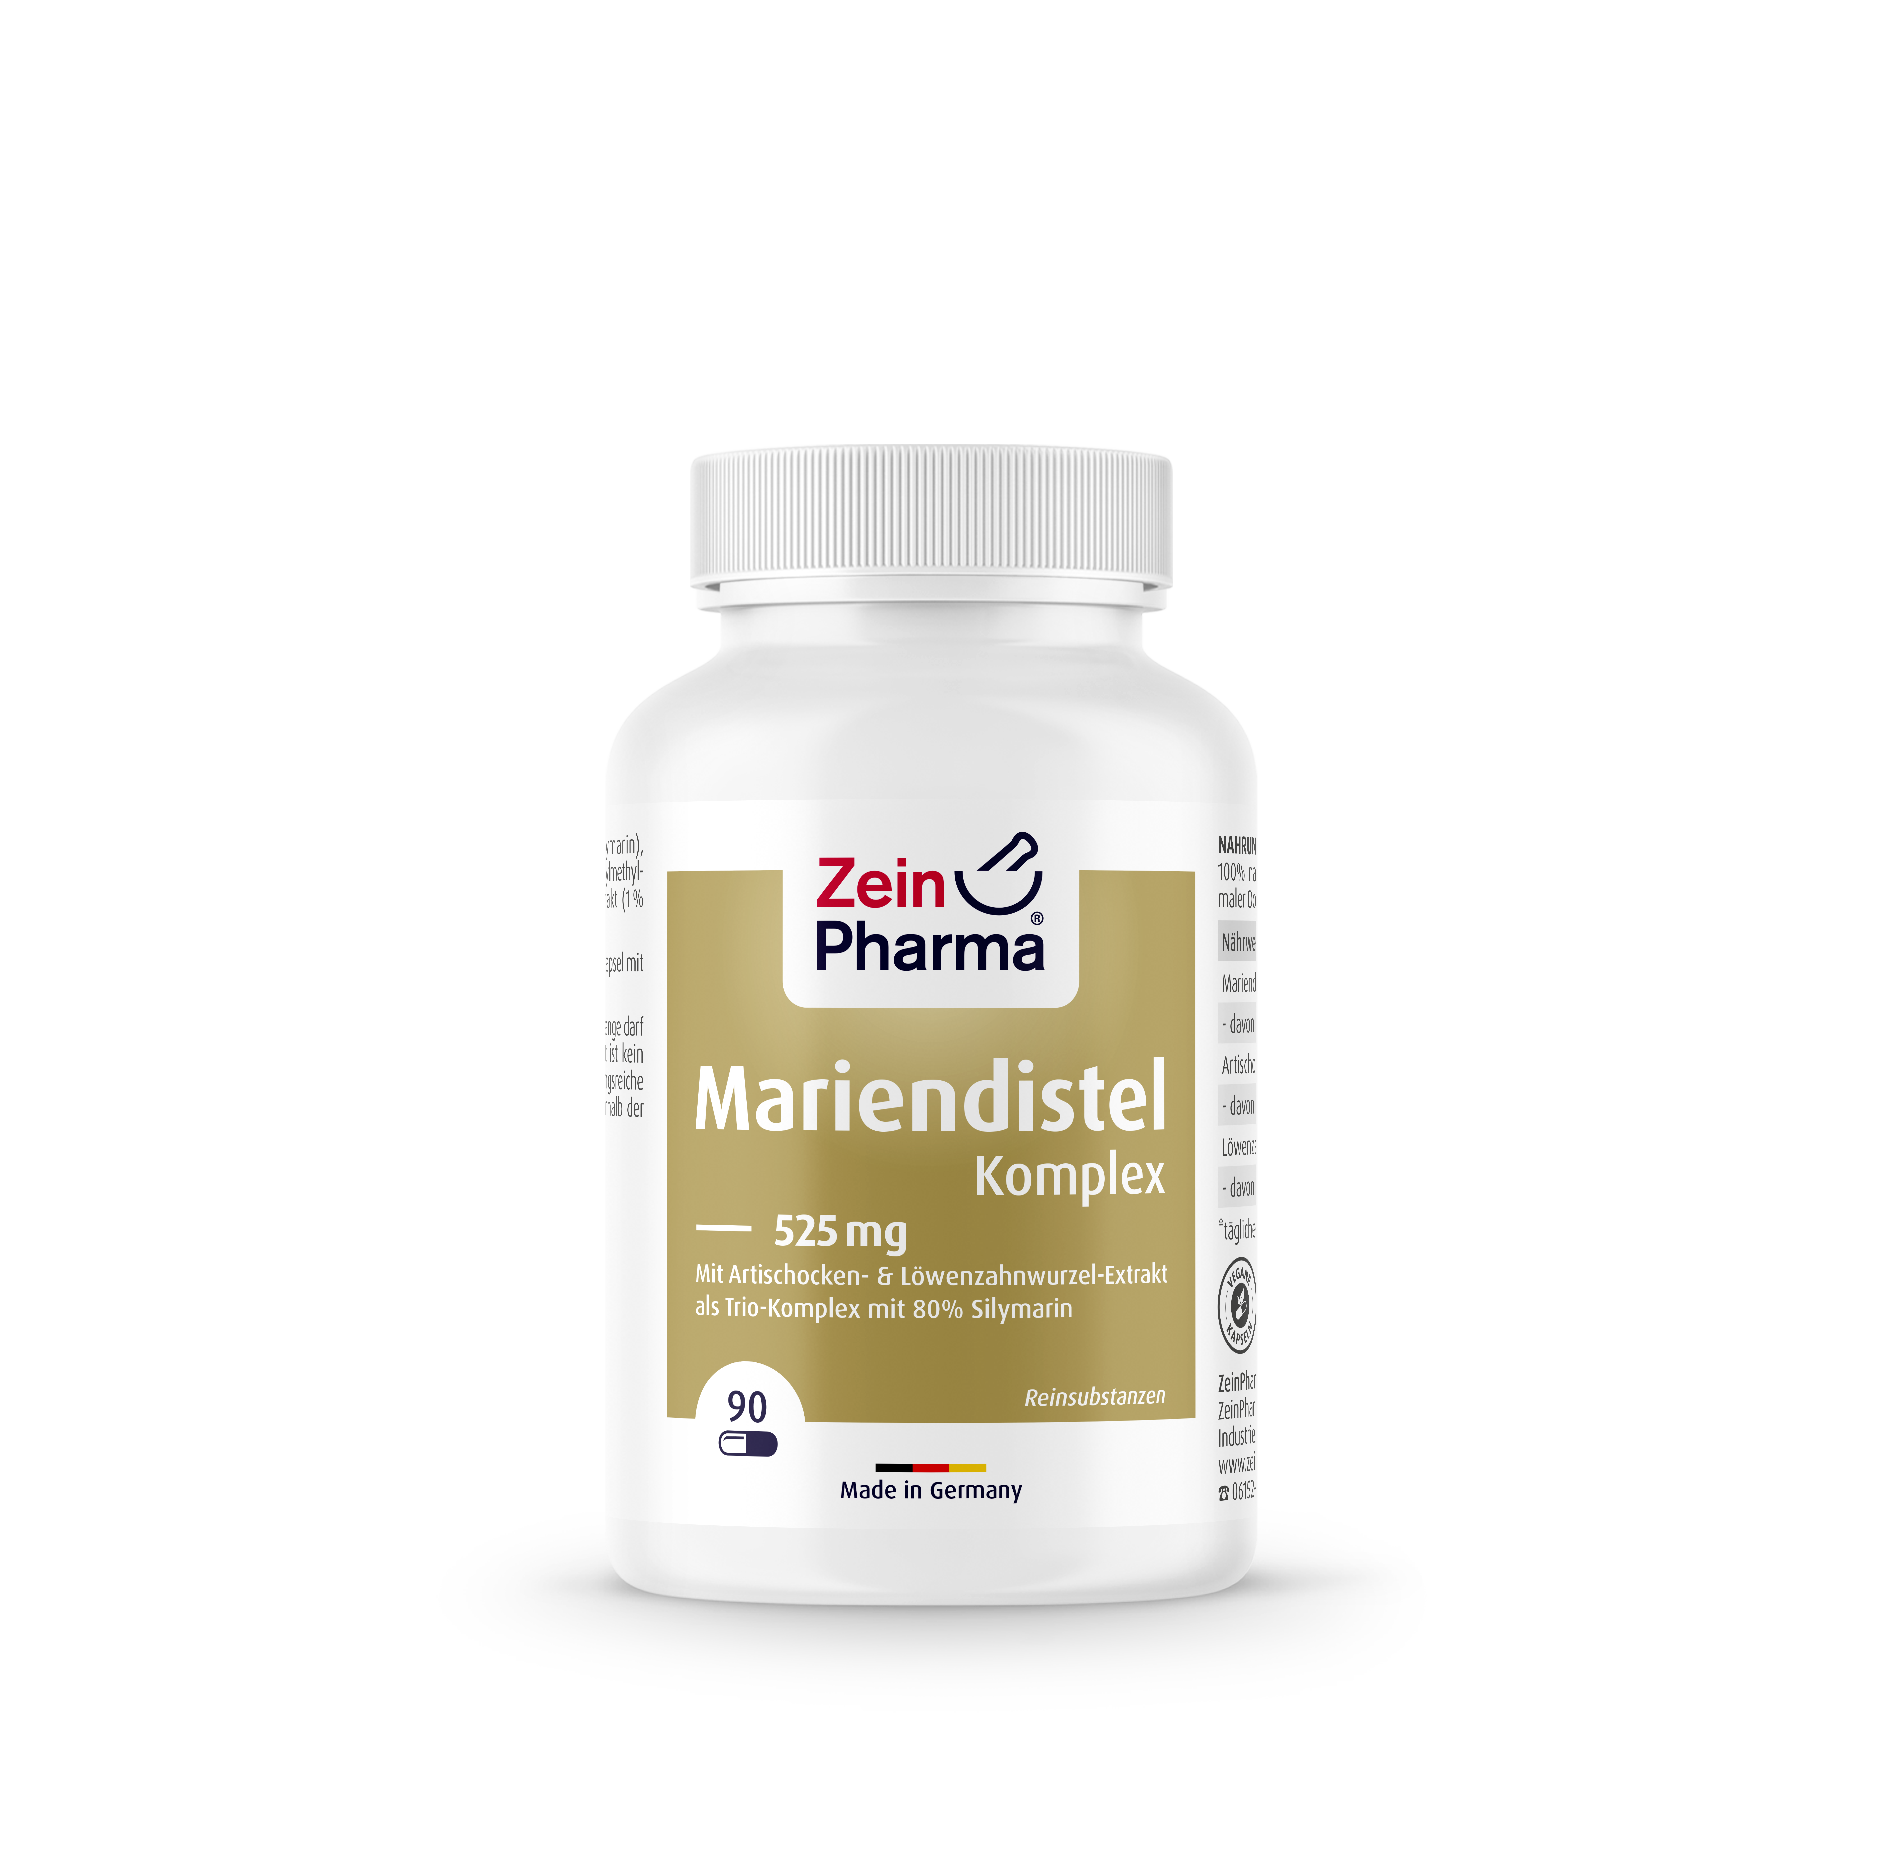 Mariendistel Komplex 525 mg